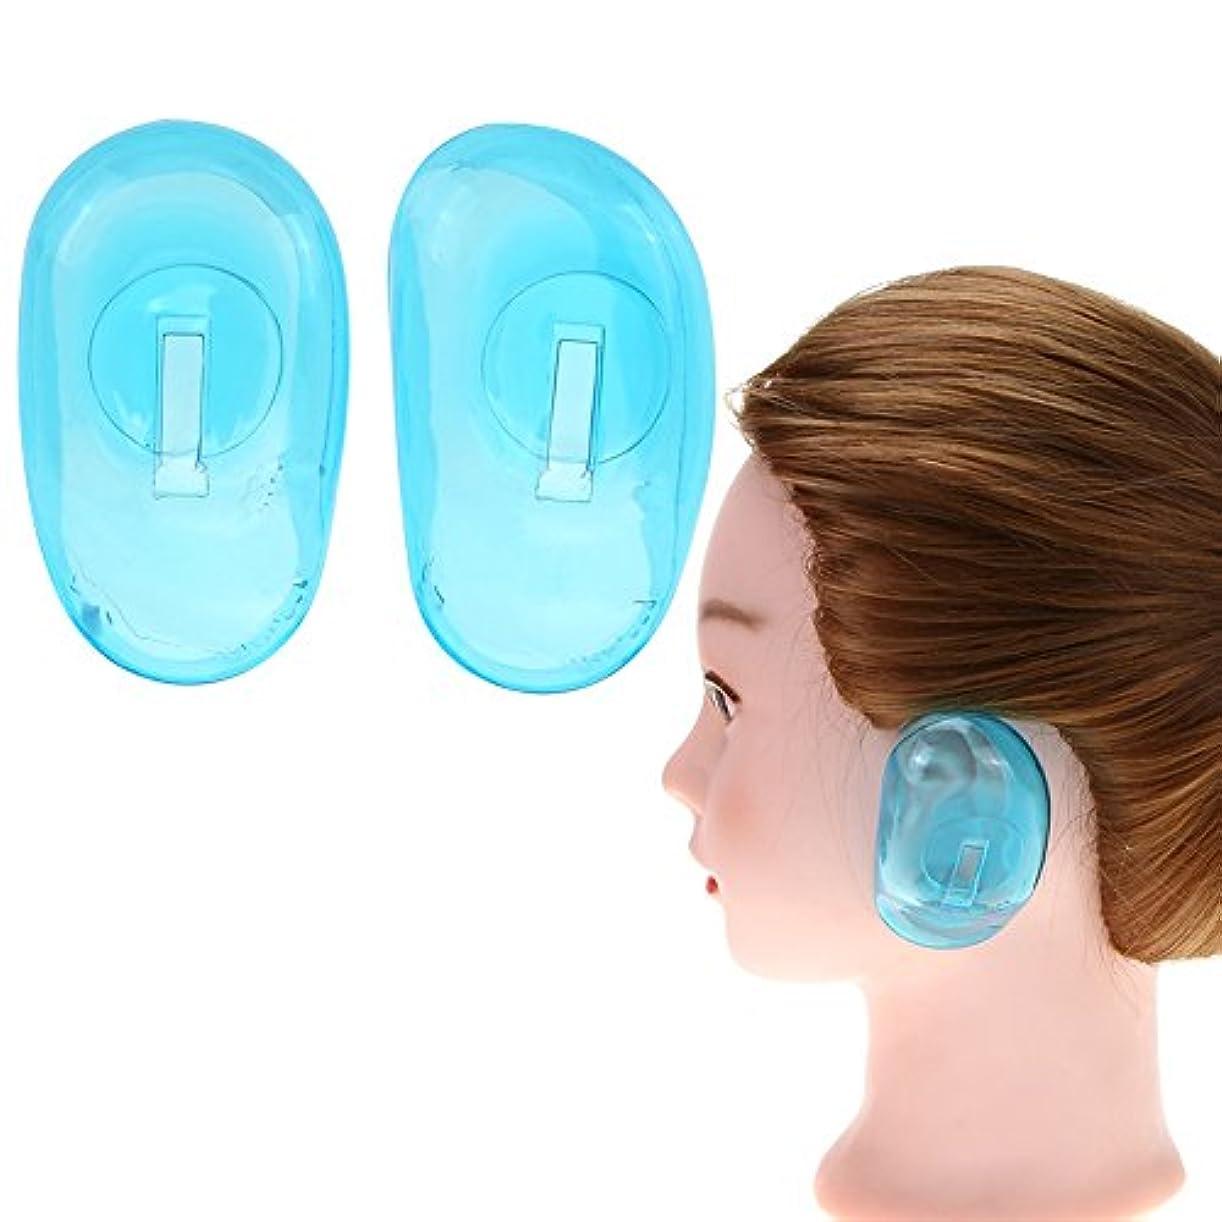 礼儀反乱マキシムRuier-tong 1ペア耳カバー 毛染め用 シリコン製 耳キャップ 柔らかいイヤーキャップ ヘアカラー シャワー 耳保護 ヘアケアツール サロン 洗える 繰り返す使用可能 エコ 8.5x5cm